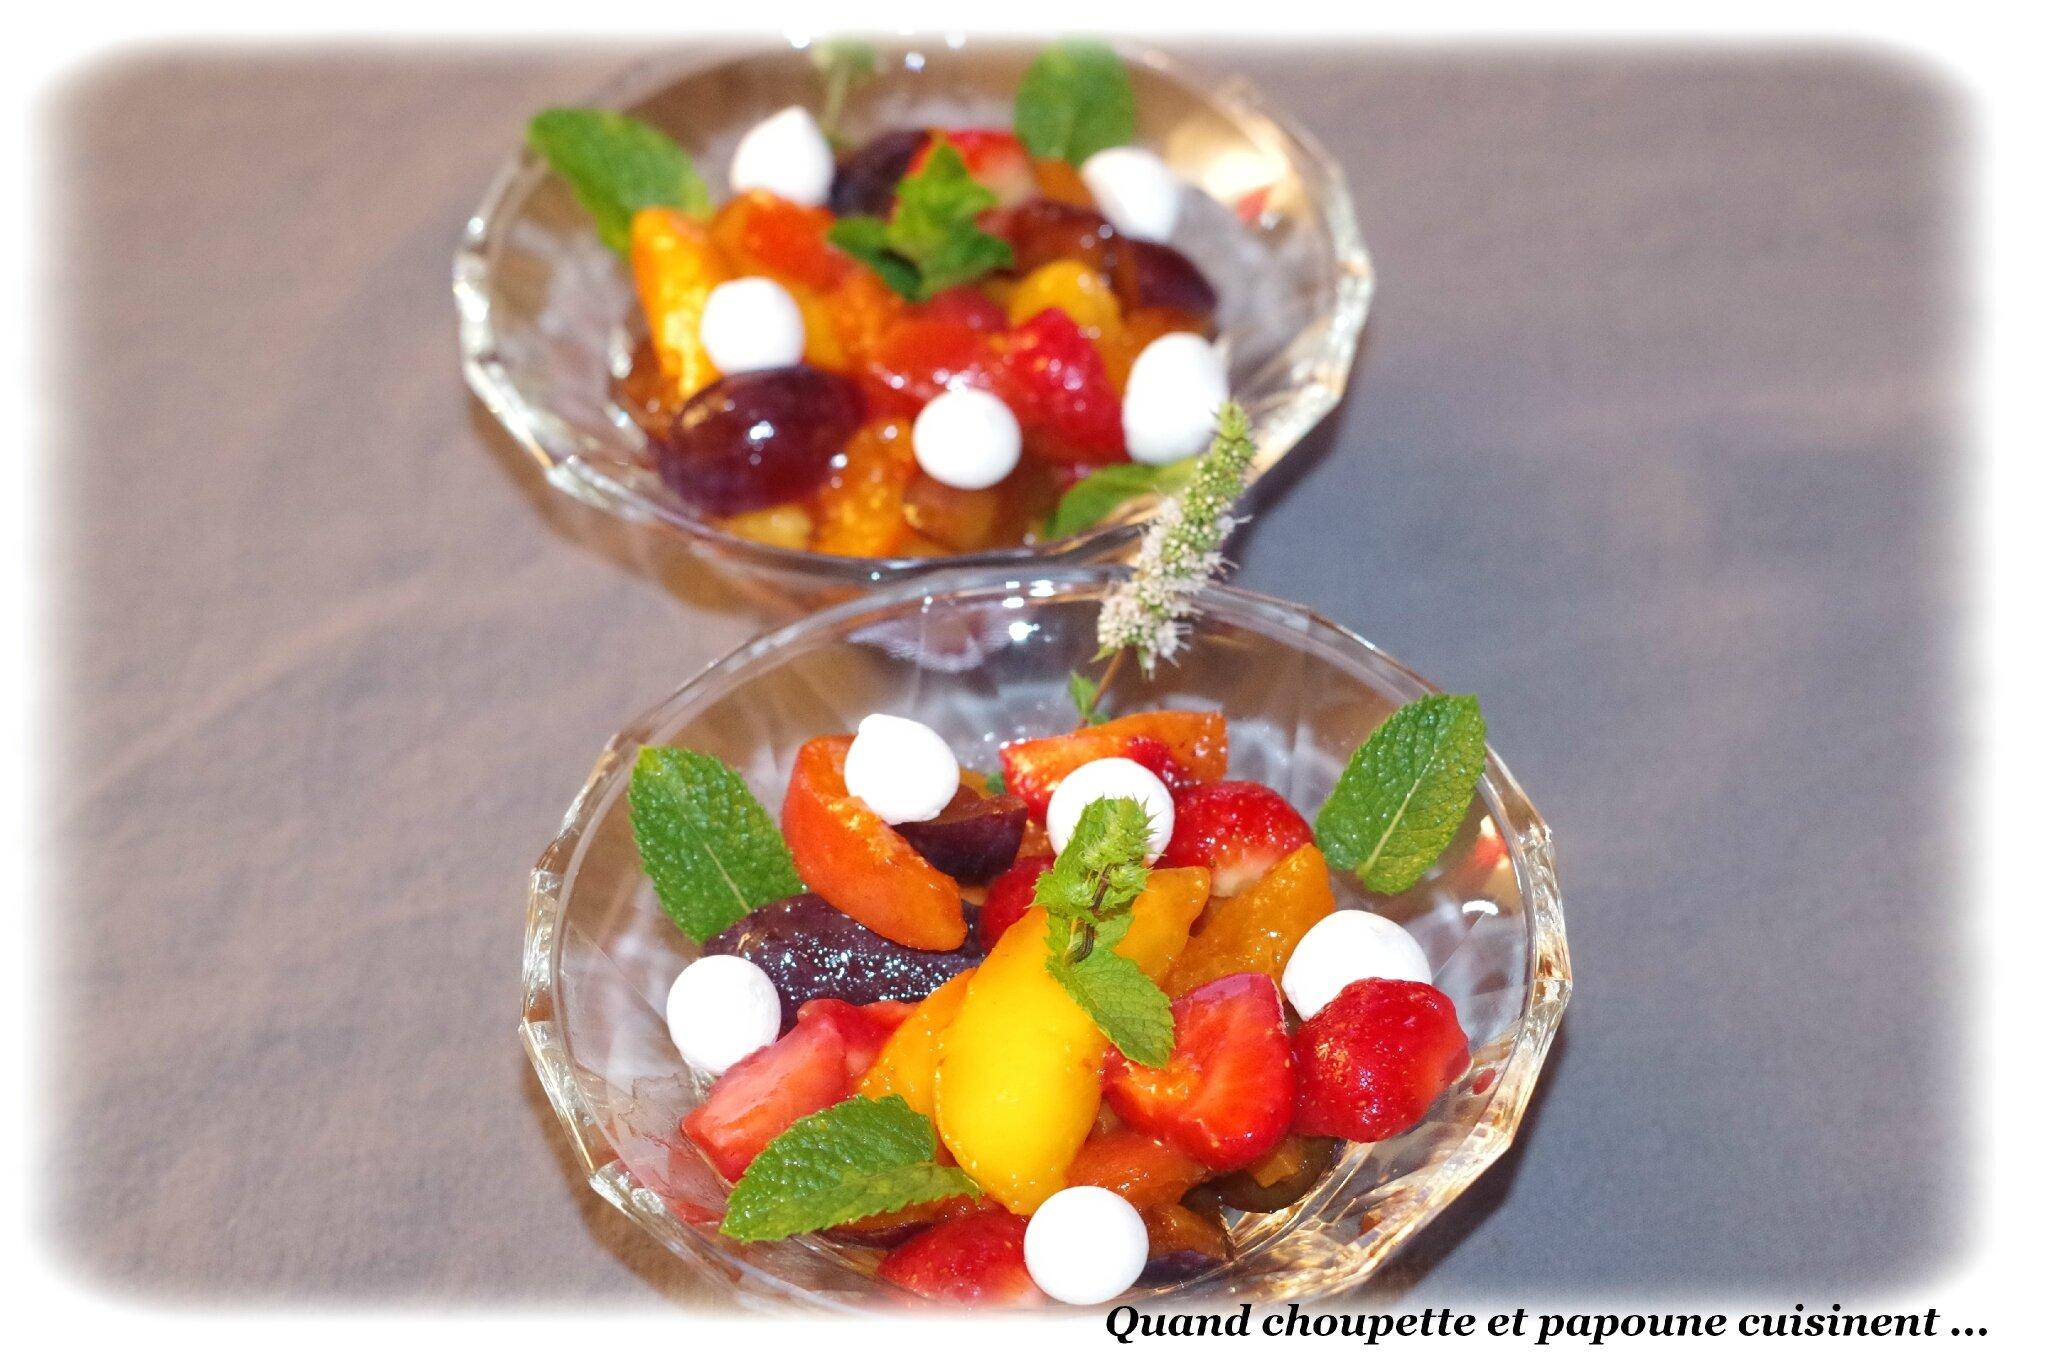 MACEDOINE DE FRUITS FRAIS